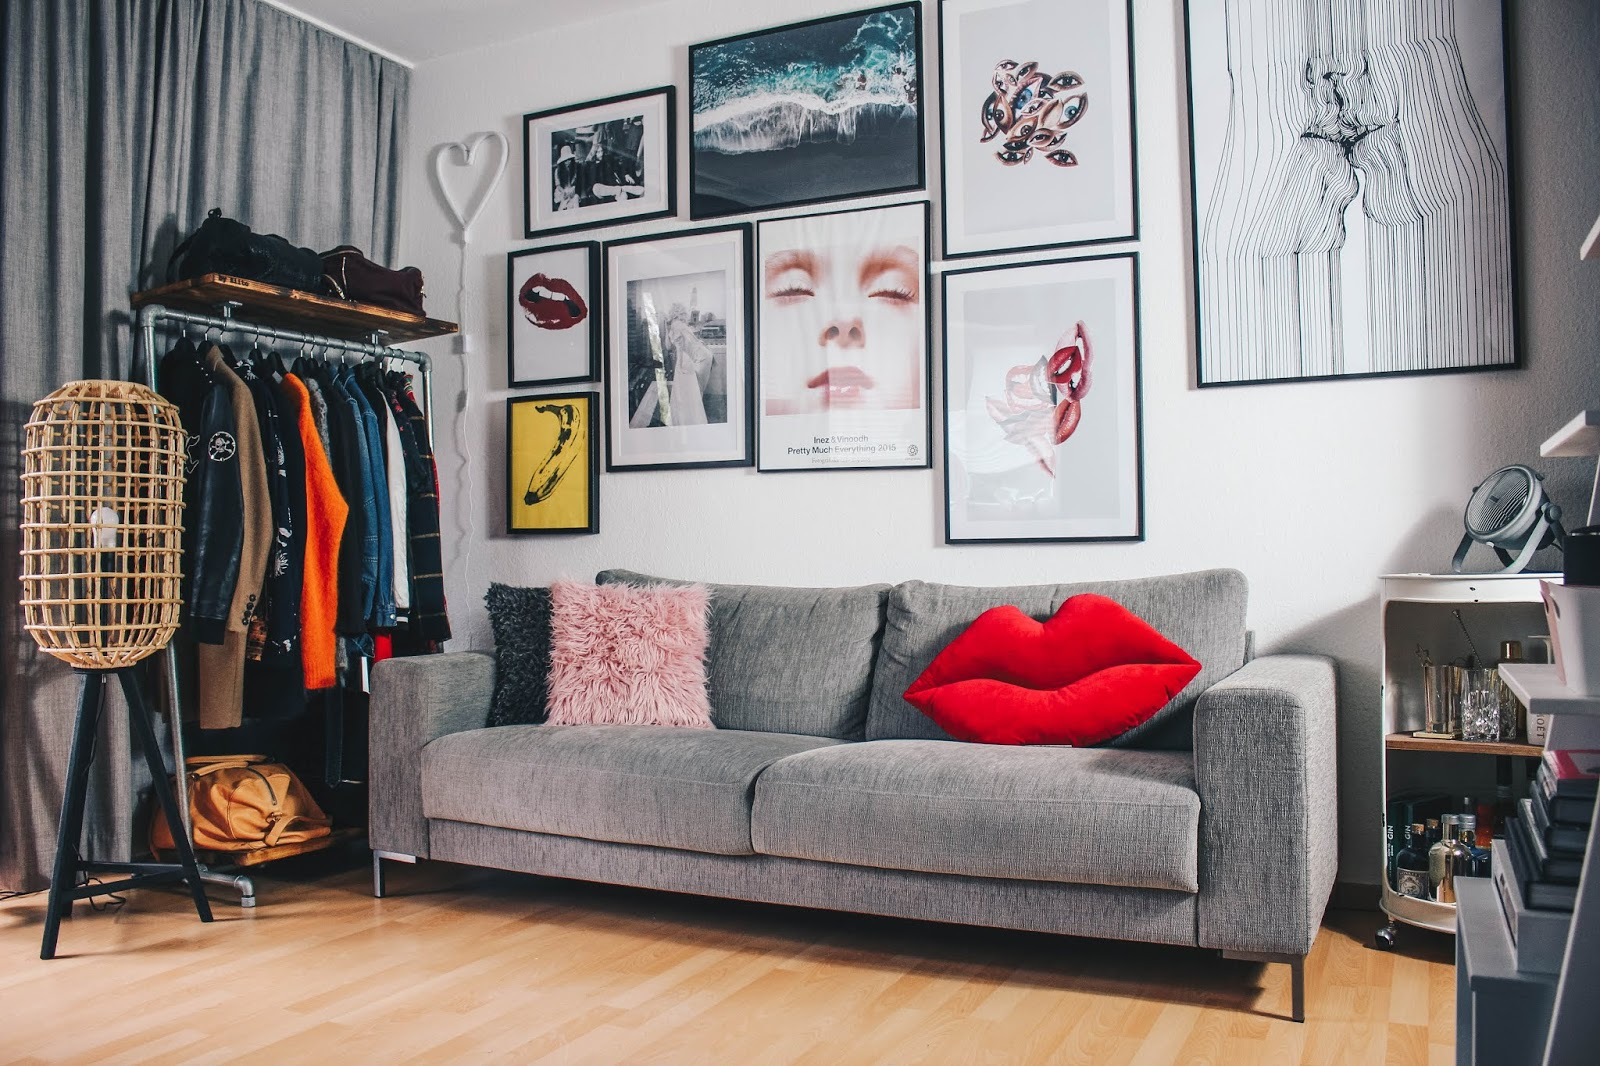 DESENIO Ist Wirklich Mein Liebster Online Shop Für Kreative Wandbilder, Der  Wirklich Für Jeden Geschmack Das Passende Motiv Im Sortiment Führt.